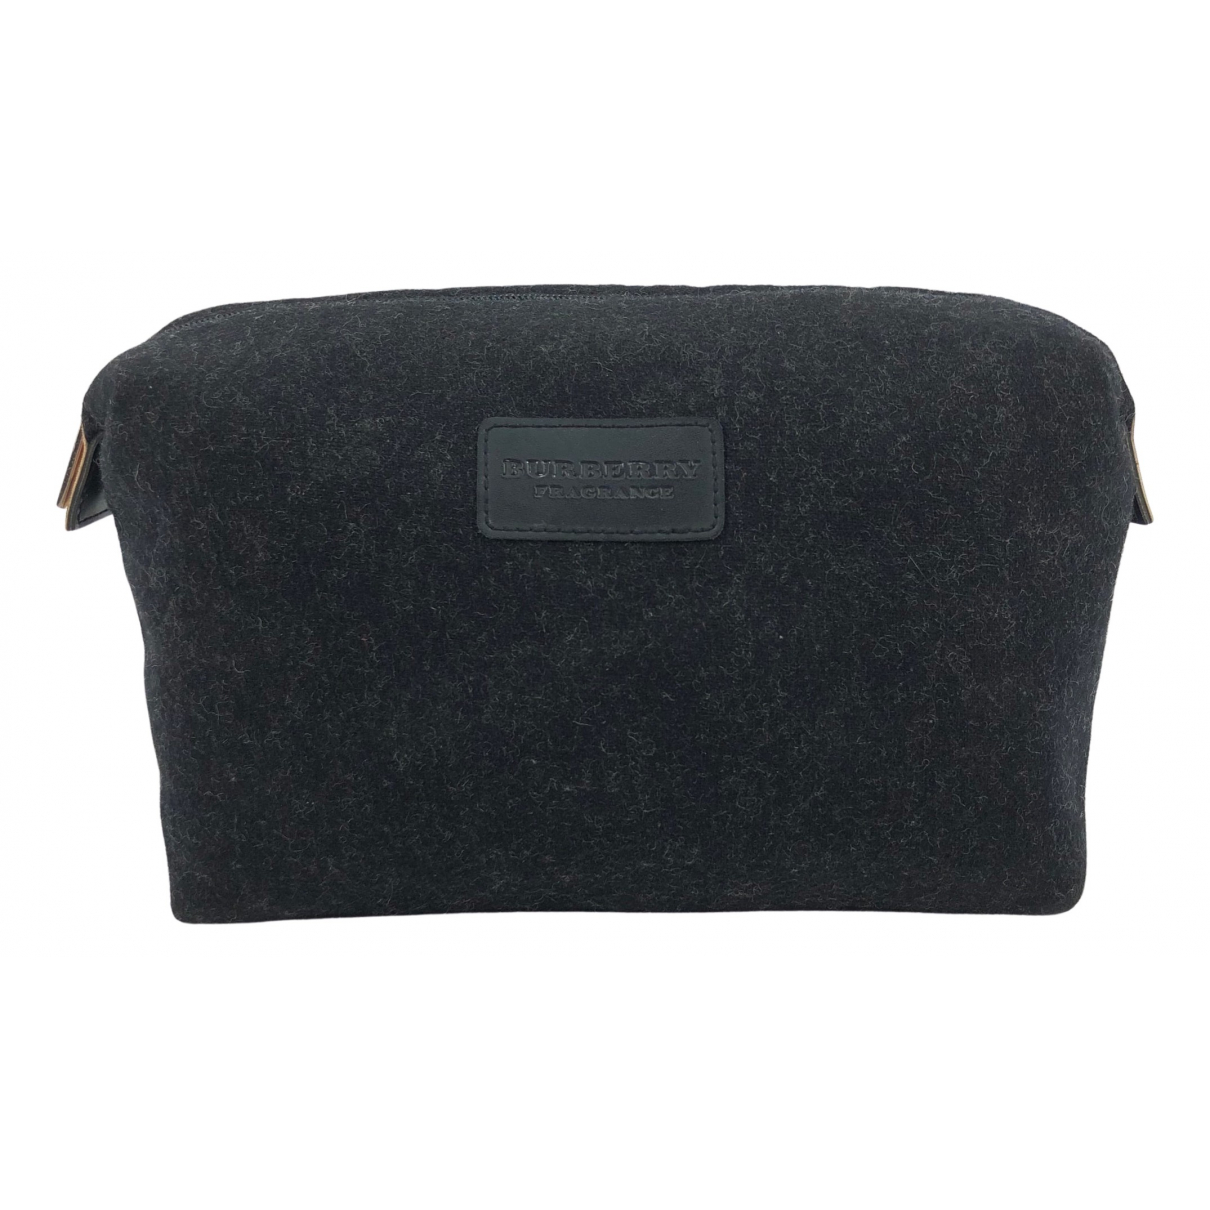 Burberry N Grey Wool Travel bag for Women N